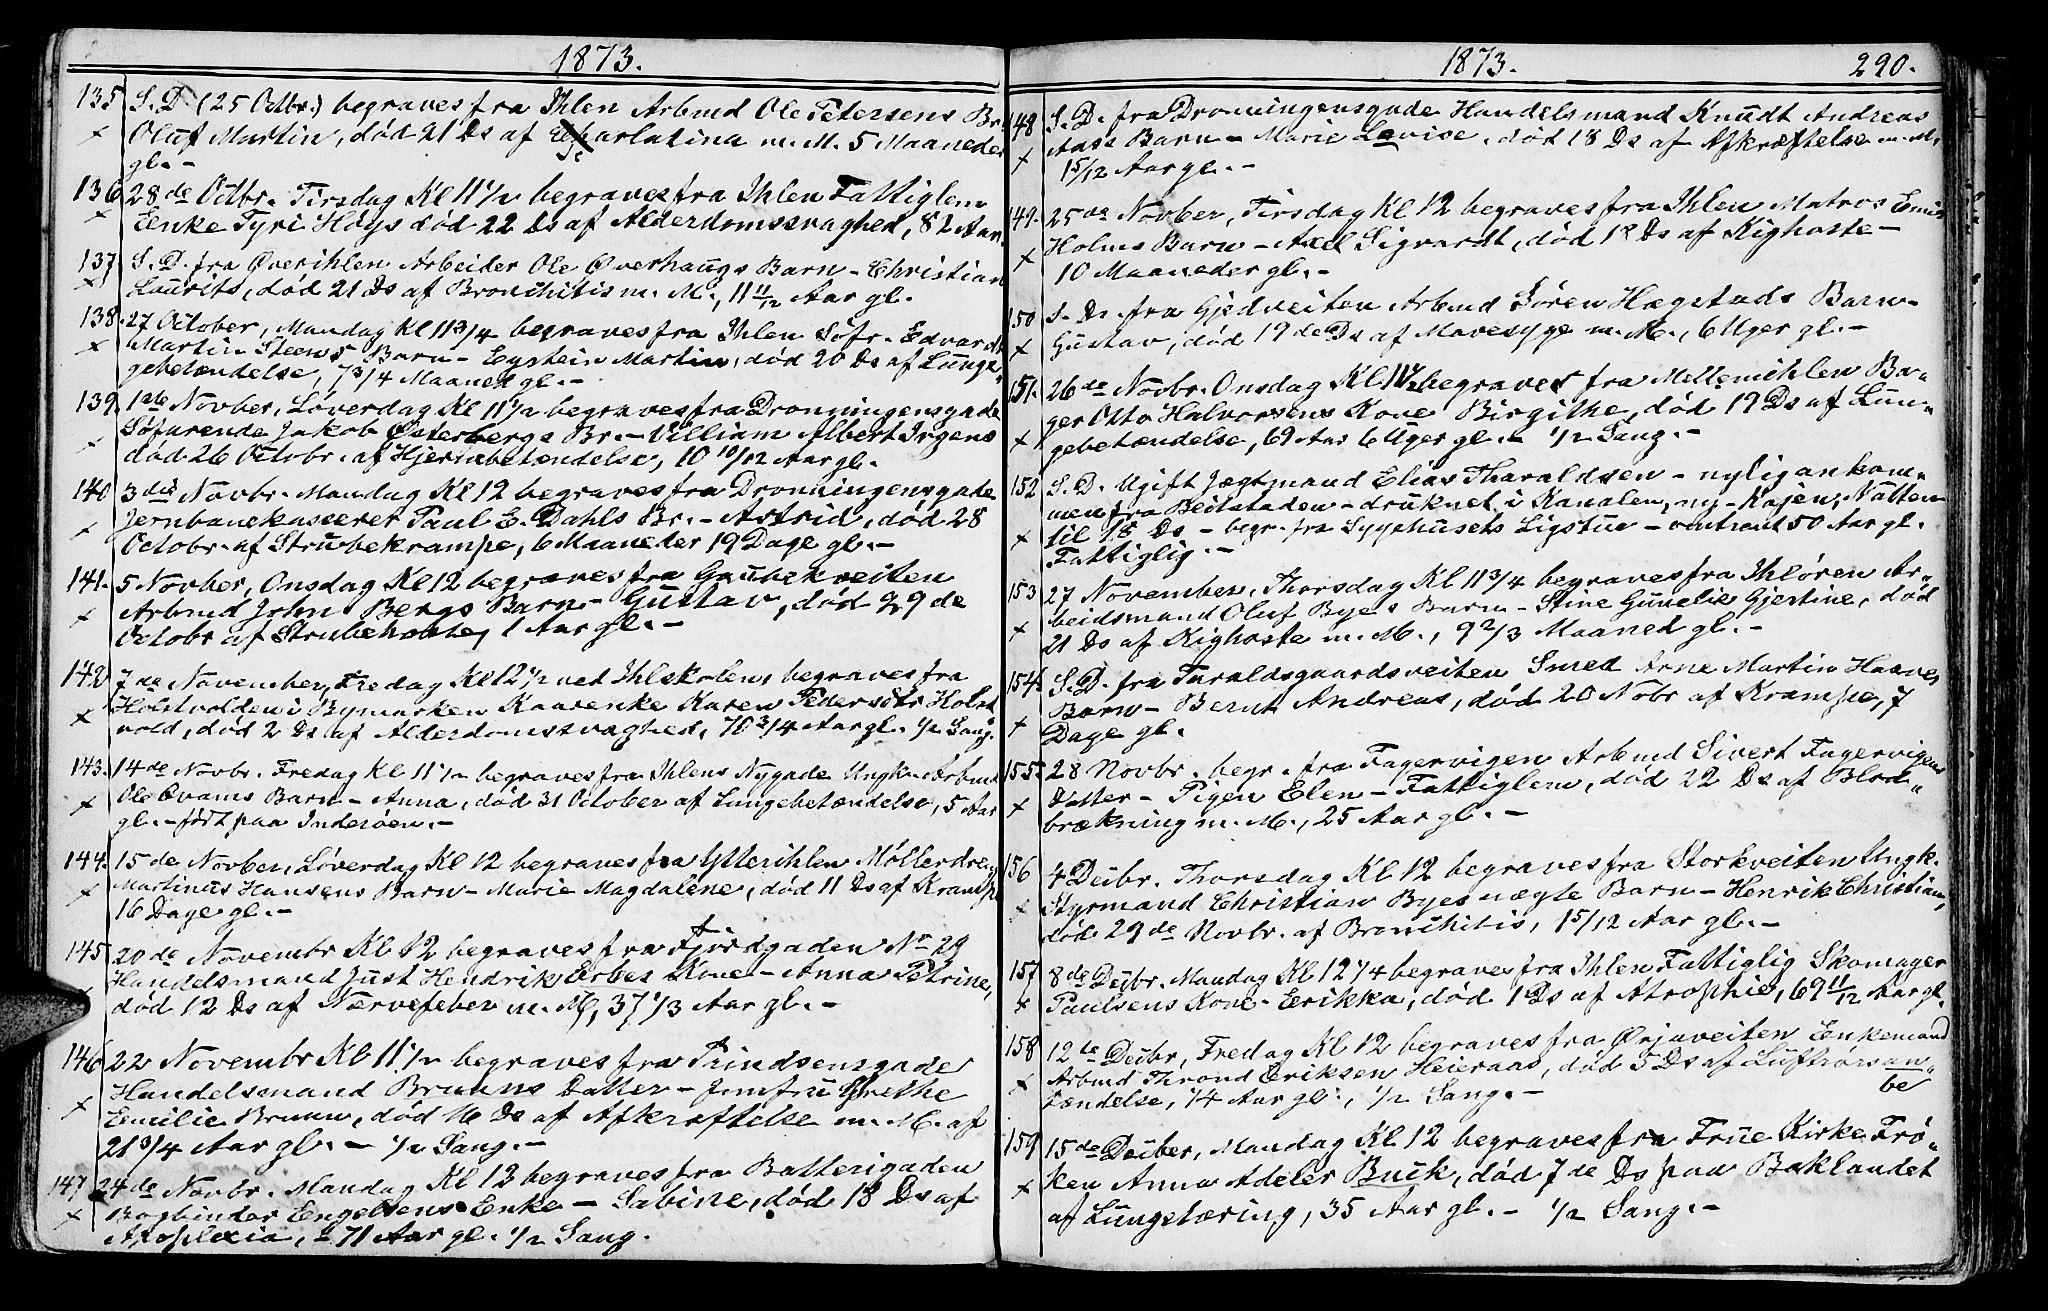 SAT, Ministerialprotokoller, klokkerbøker og fødselsregistre - Sør-Trøndelag, 602/L0142: Klokkerbok nr. 602C10, 1872-1894, s. 290